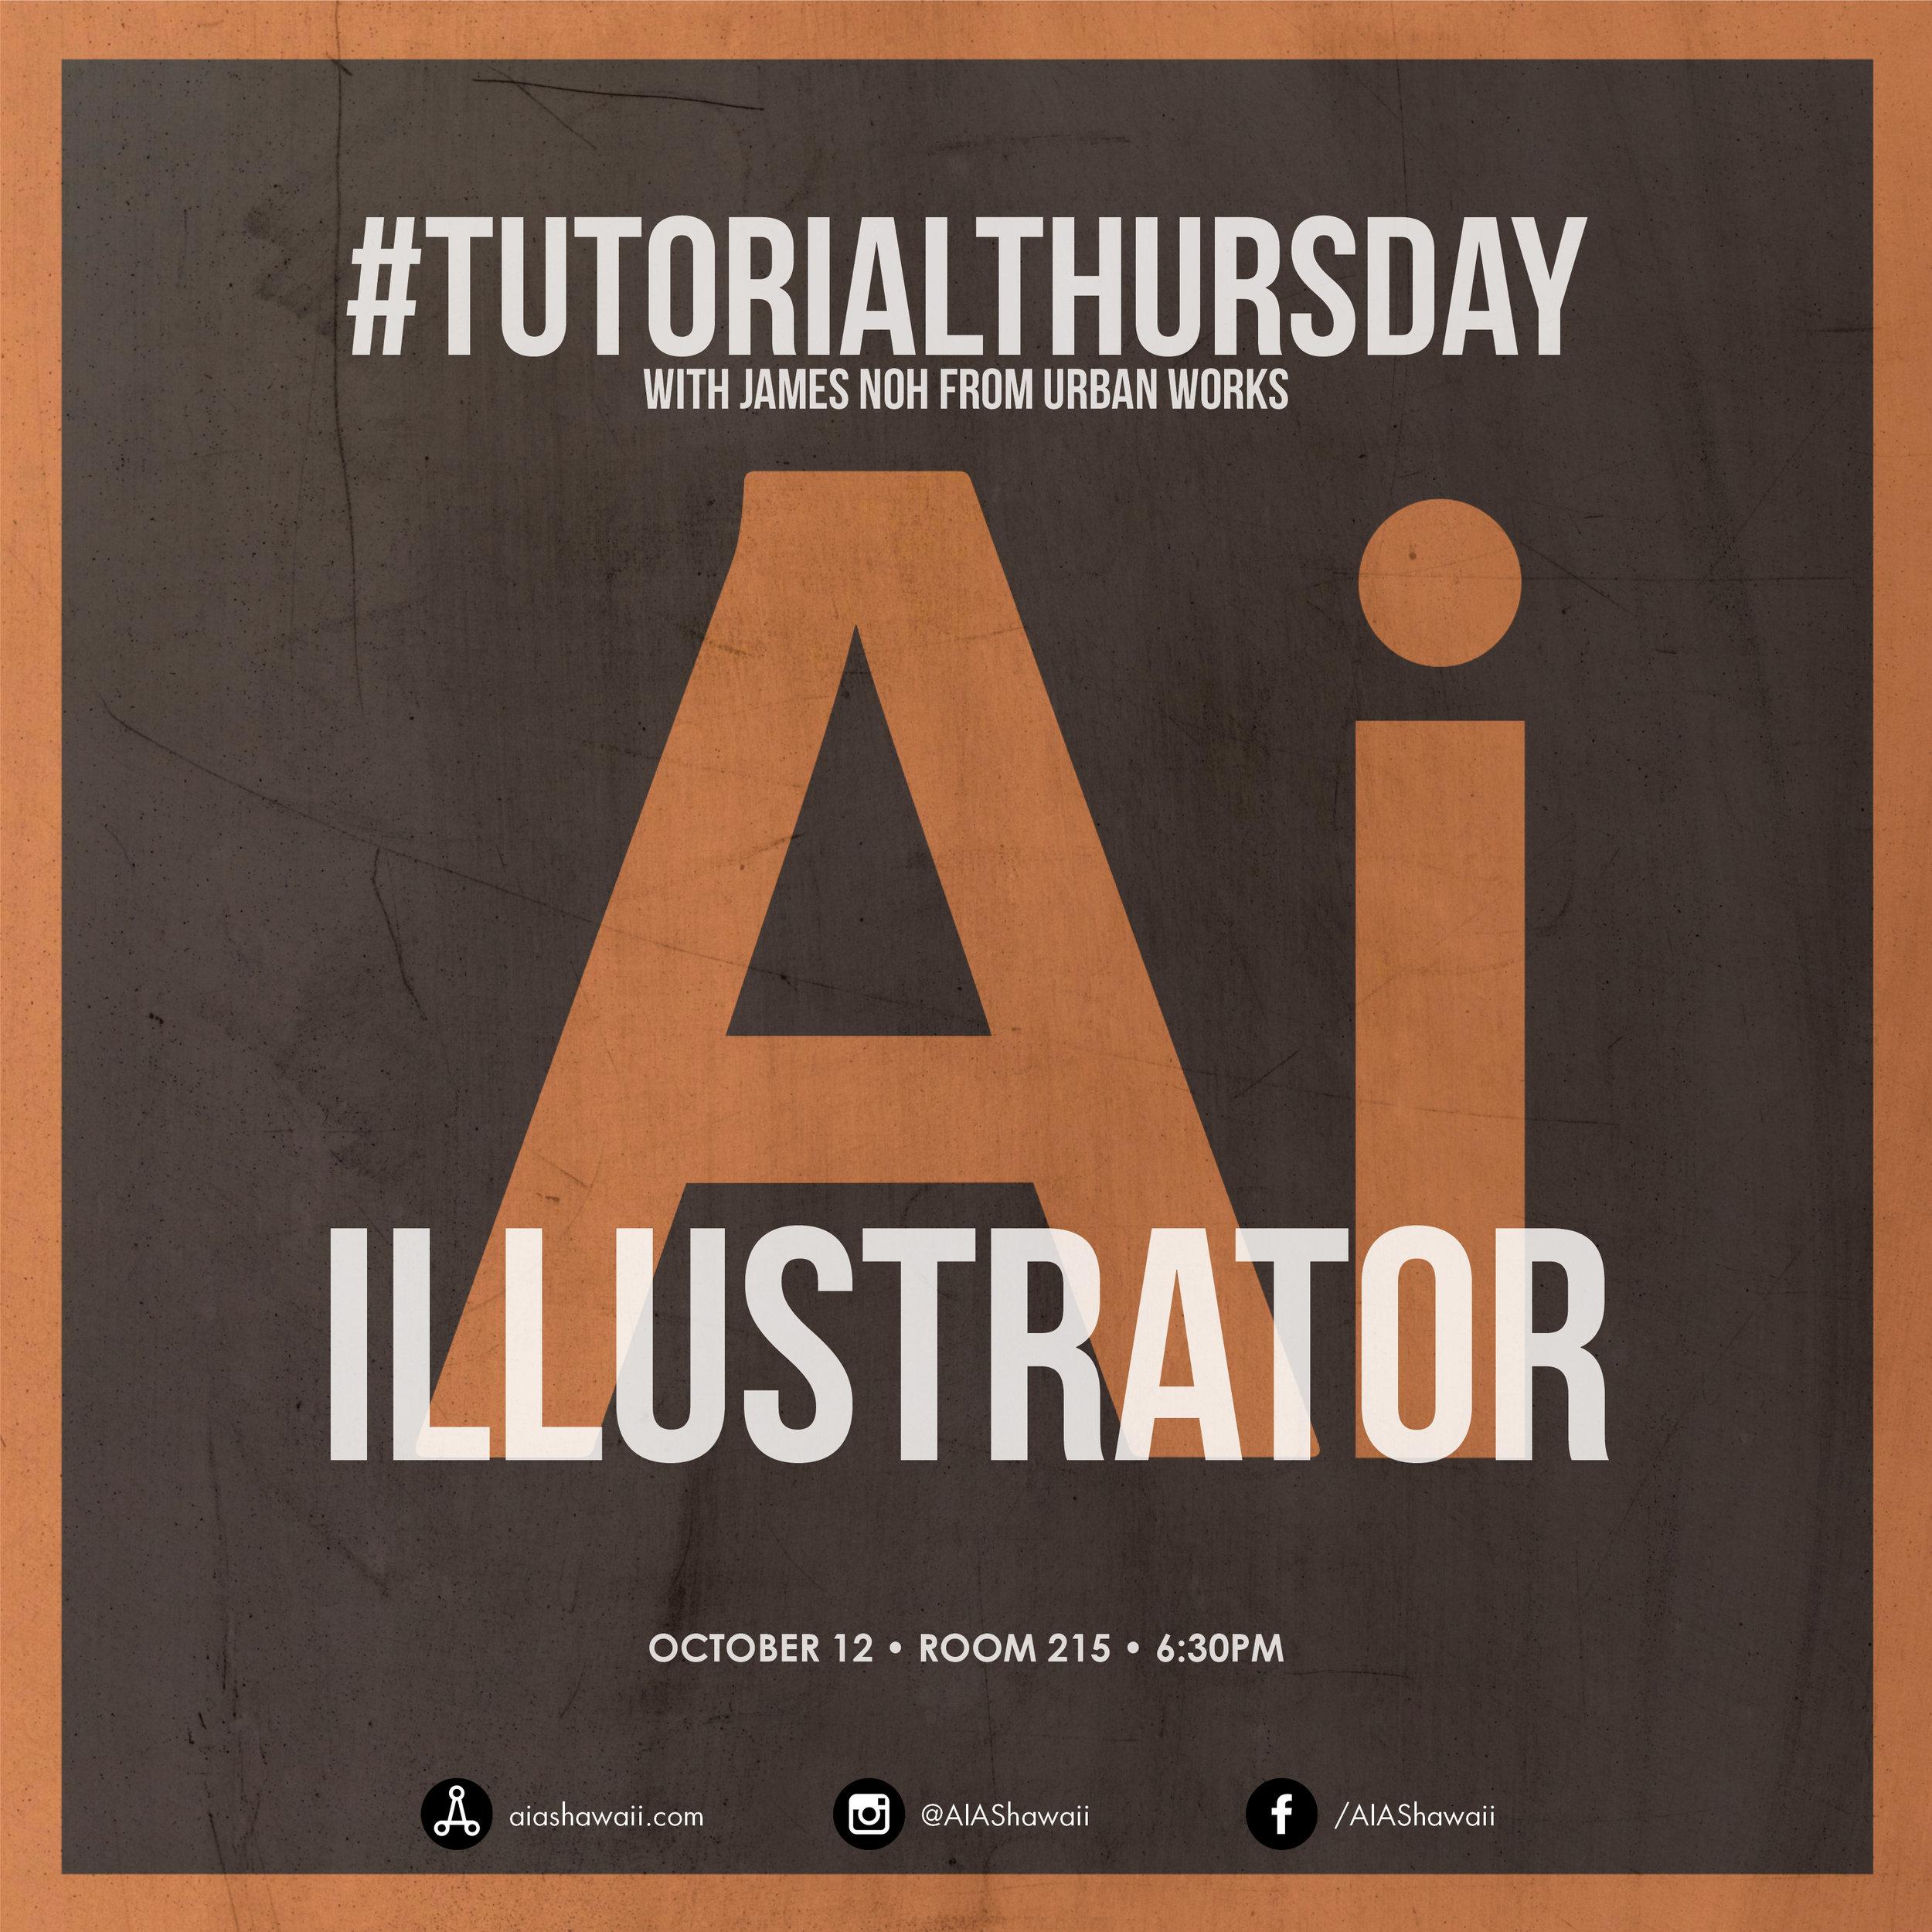 IllustratorTutorial_Oct15.jpg